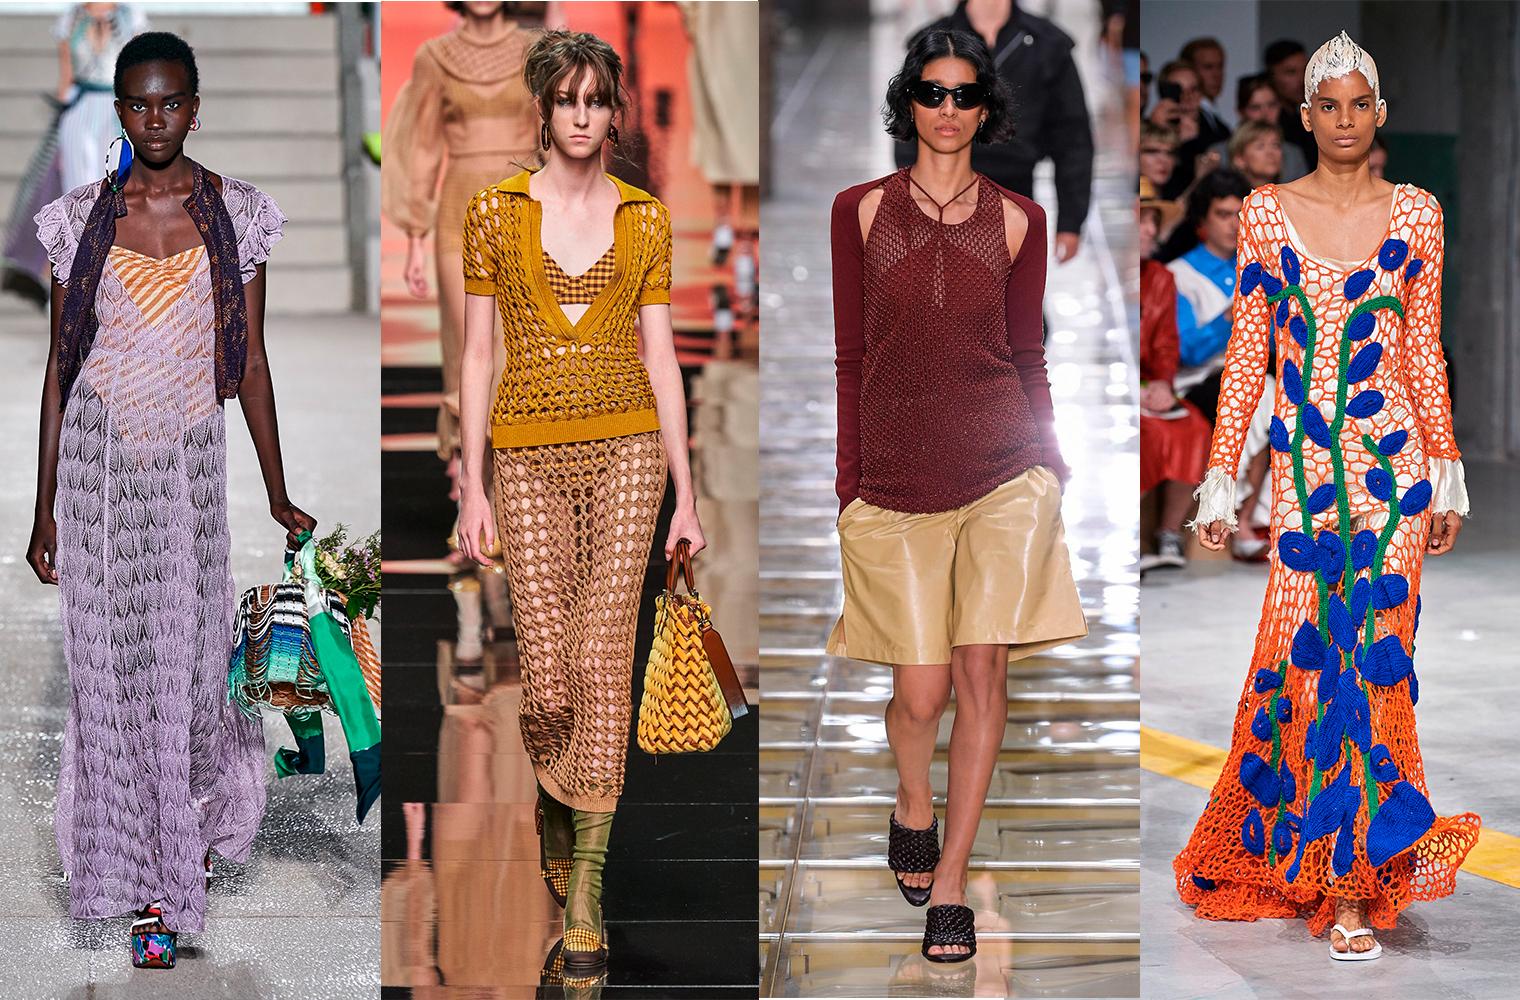 Тренды сезона Весна/Лето 2020 — что носить в следующем году Missoni, Fendi, Bottega Veneta, Marni